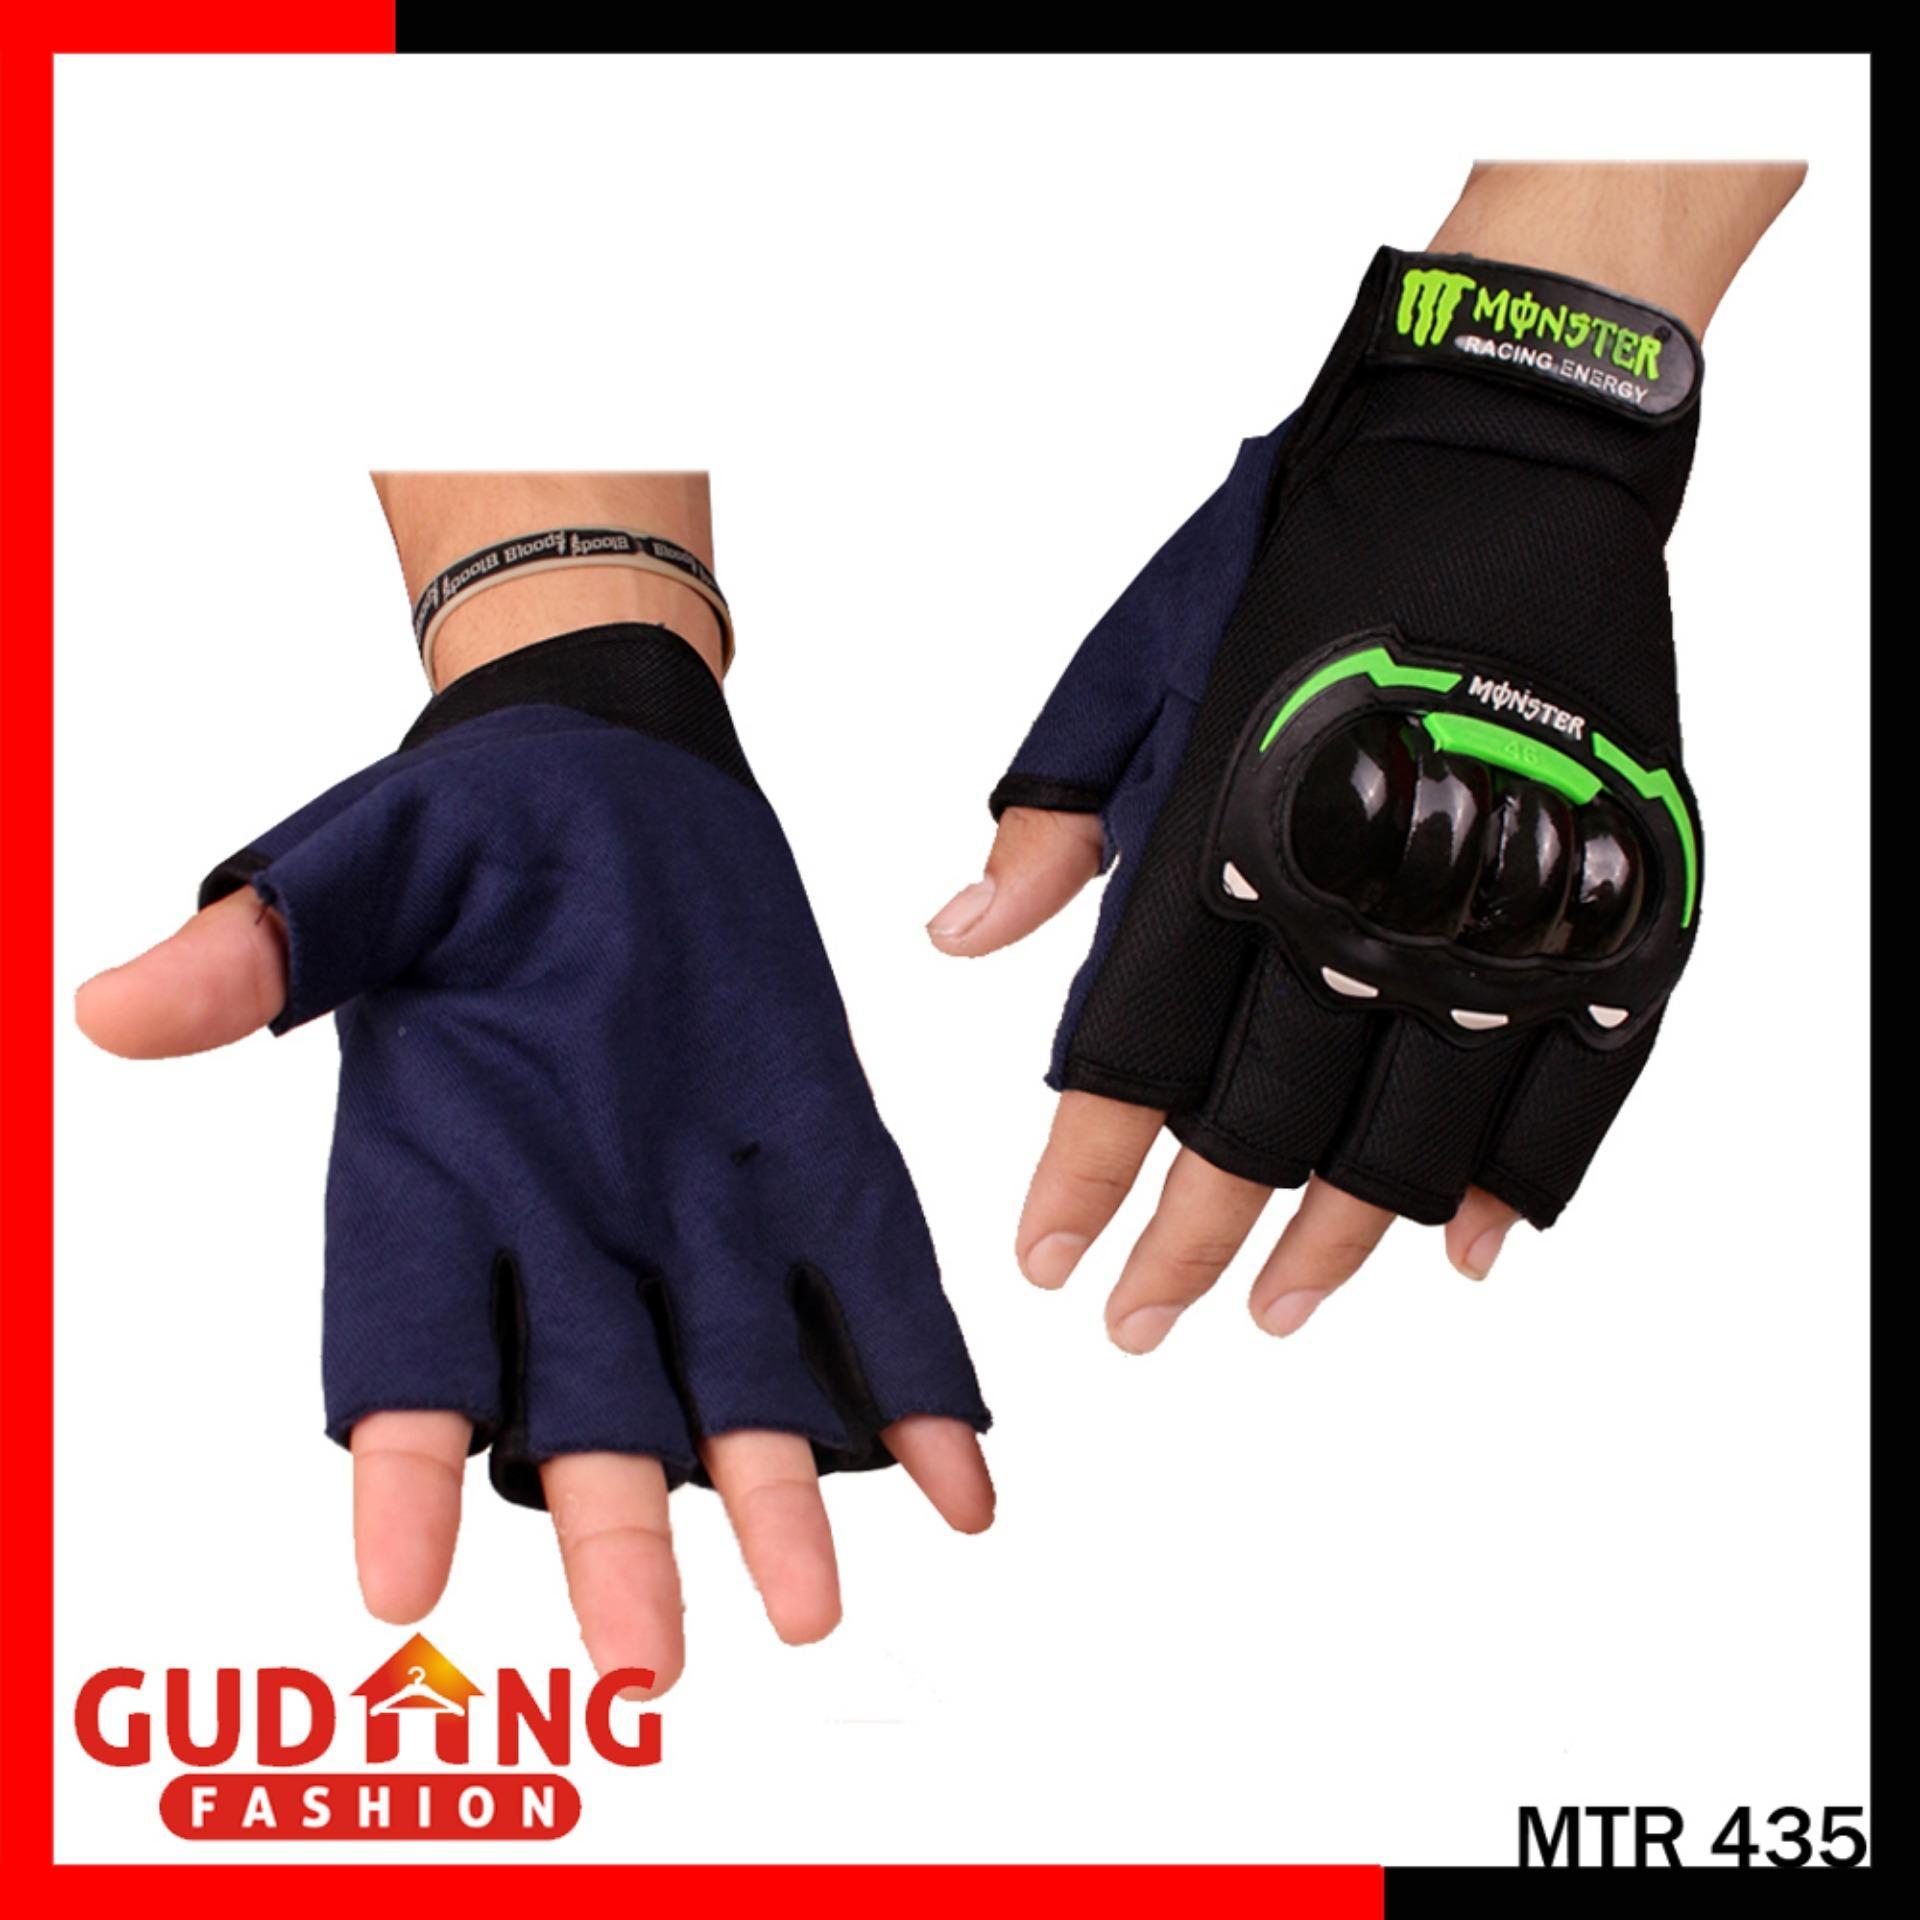 Gudang Fashion - Sarung Tangan Batok Motor Pria - Hijau